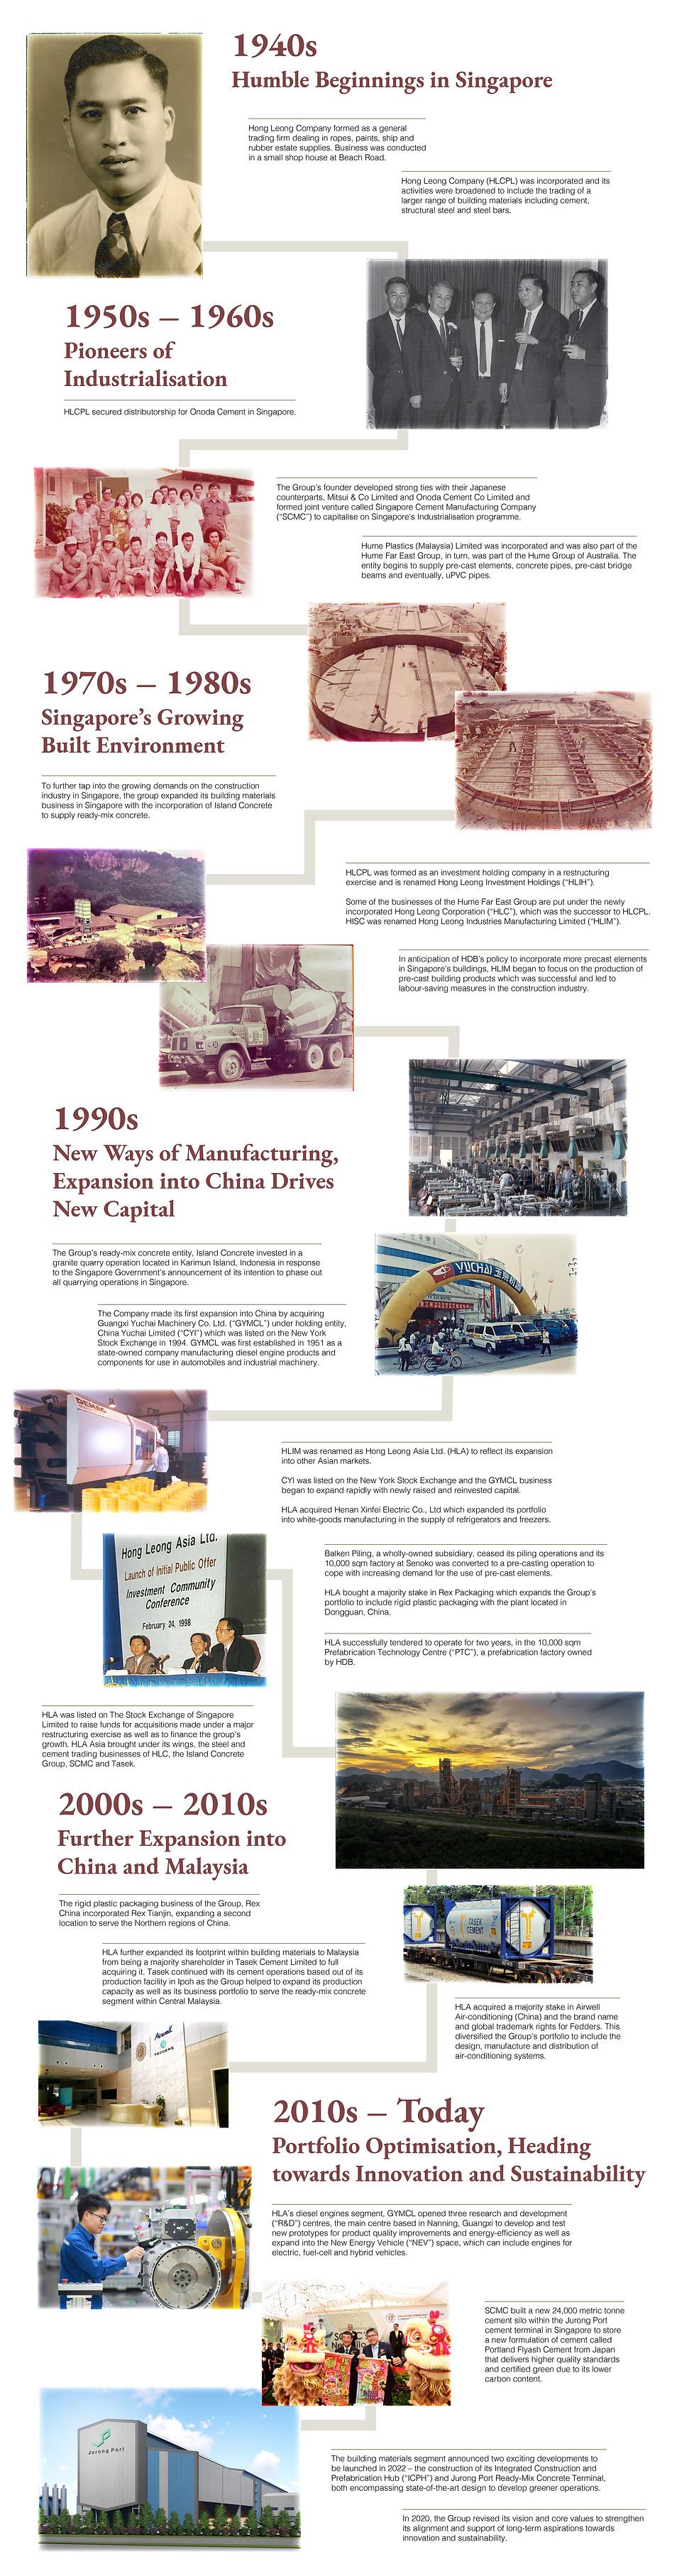 HLA Timeline-0721-Website Upload.jpg